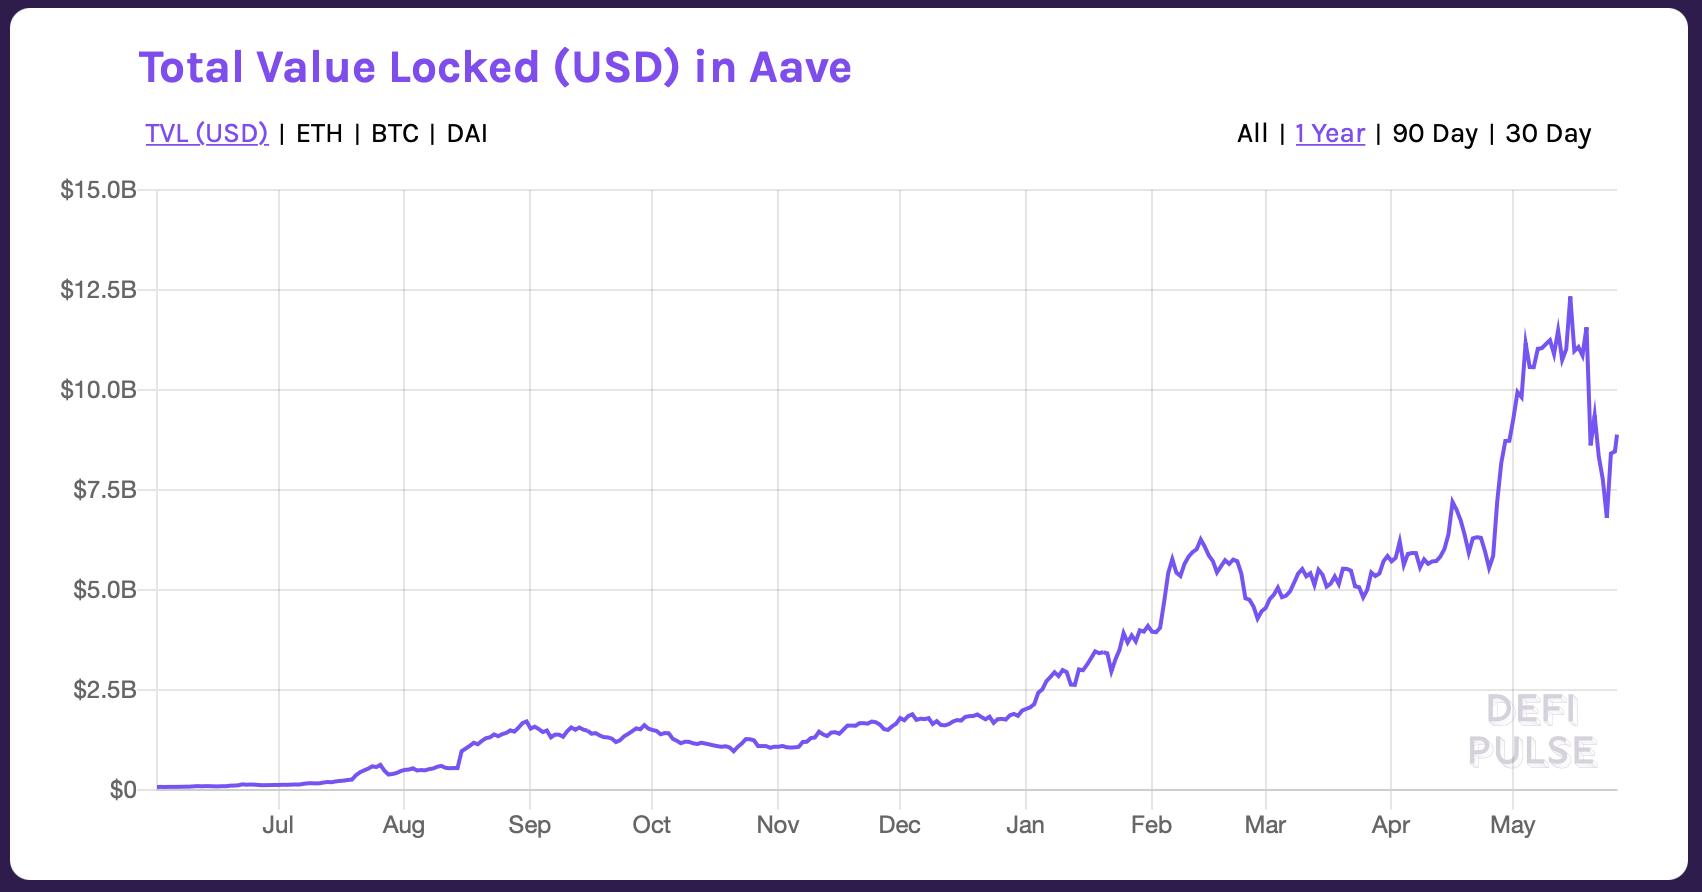 AAVE's total value locked mellem maj 2020 og maj 2021